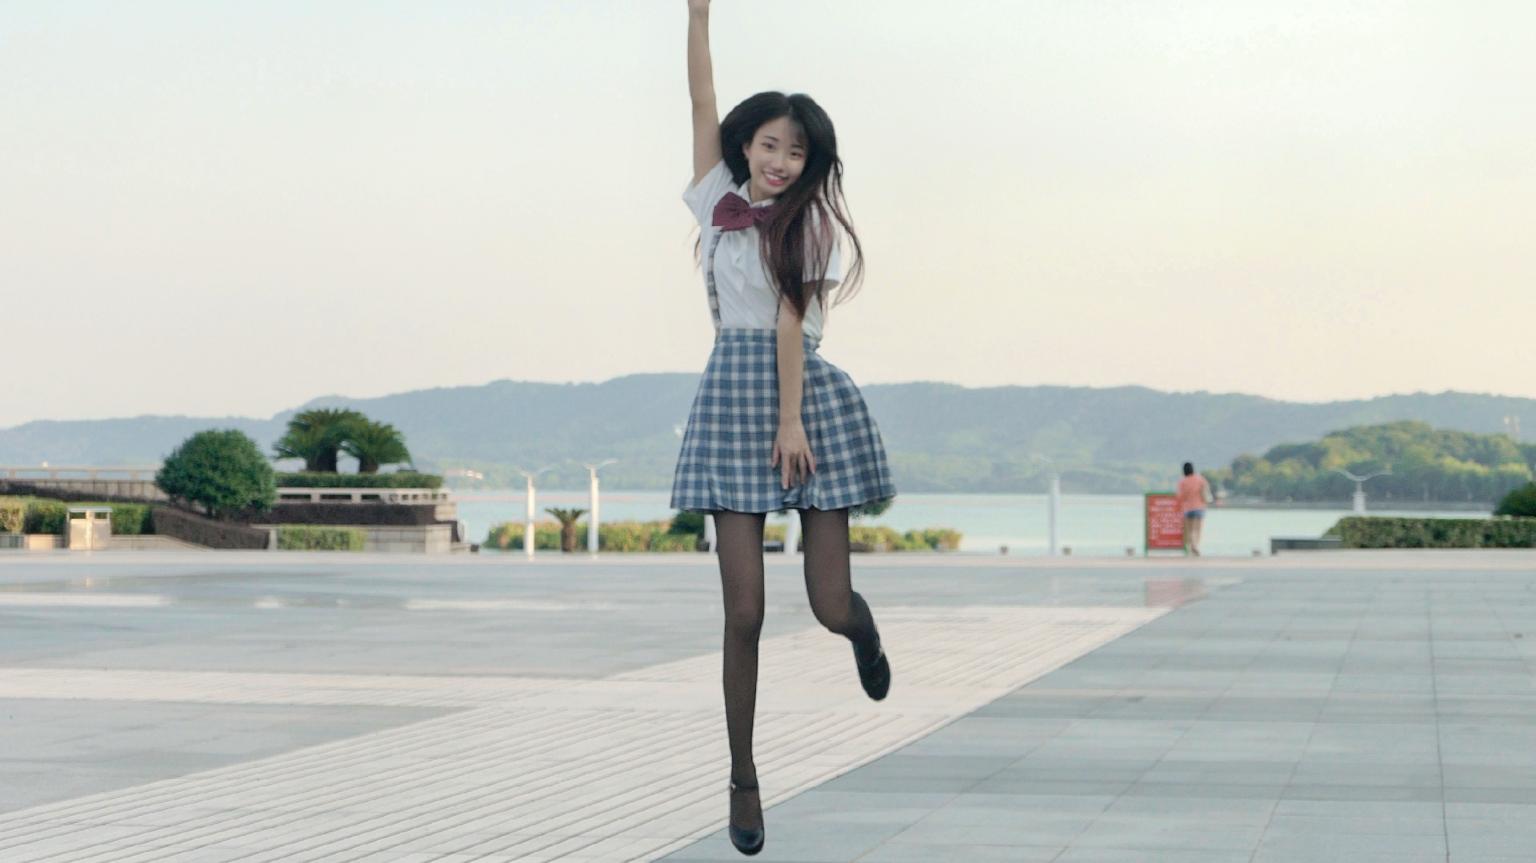 【彻彻sin】summer time~夕阳下的舞蹈,久等啦